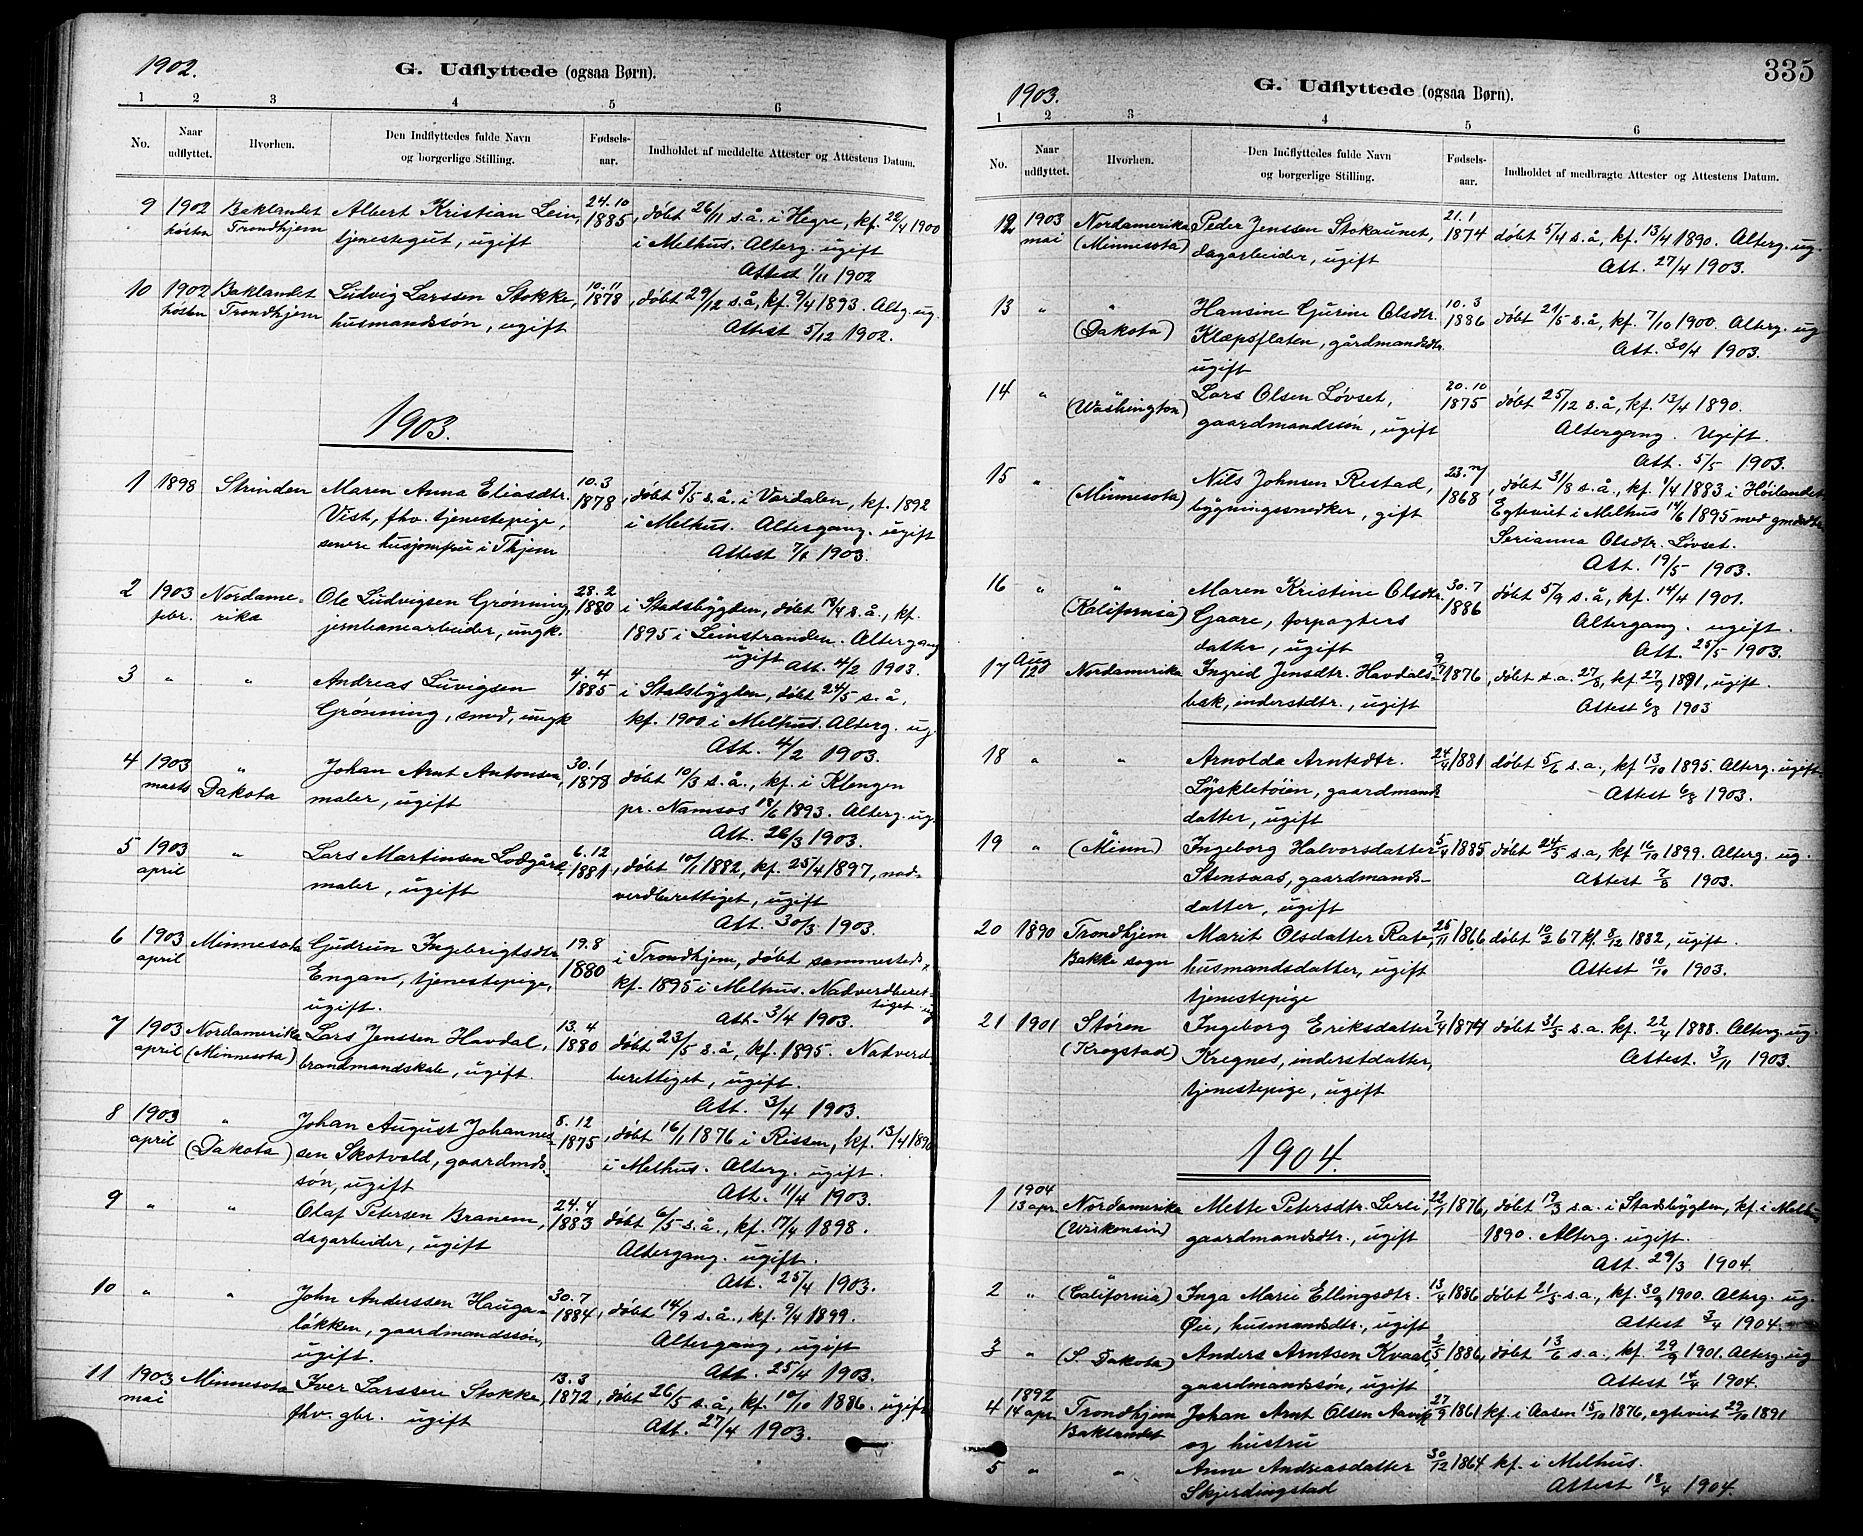 SAT, Ministerialprotokoller, klokkerbøker og fødselsregistre - Sør-Trøndelag, 691/L1094: Klokkerbok nr. 691C05, 1879-1911, s. 335